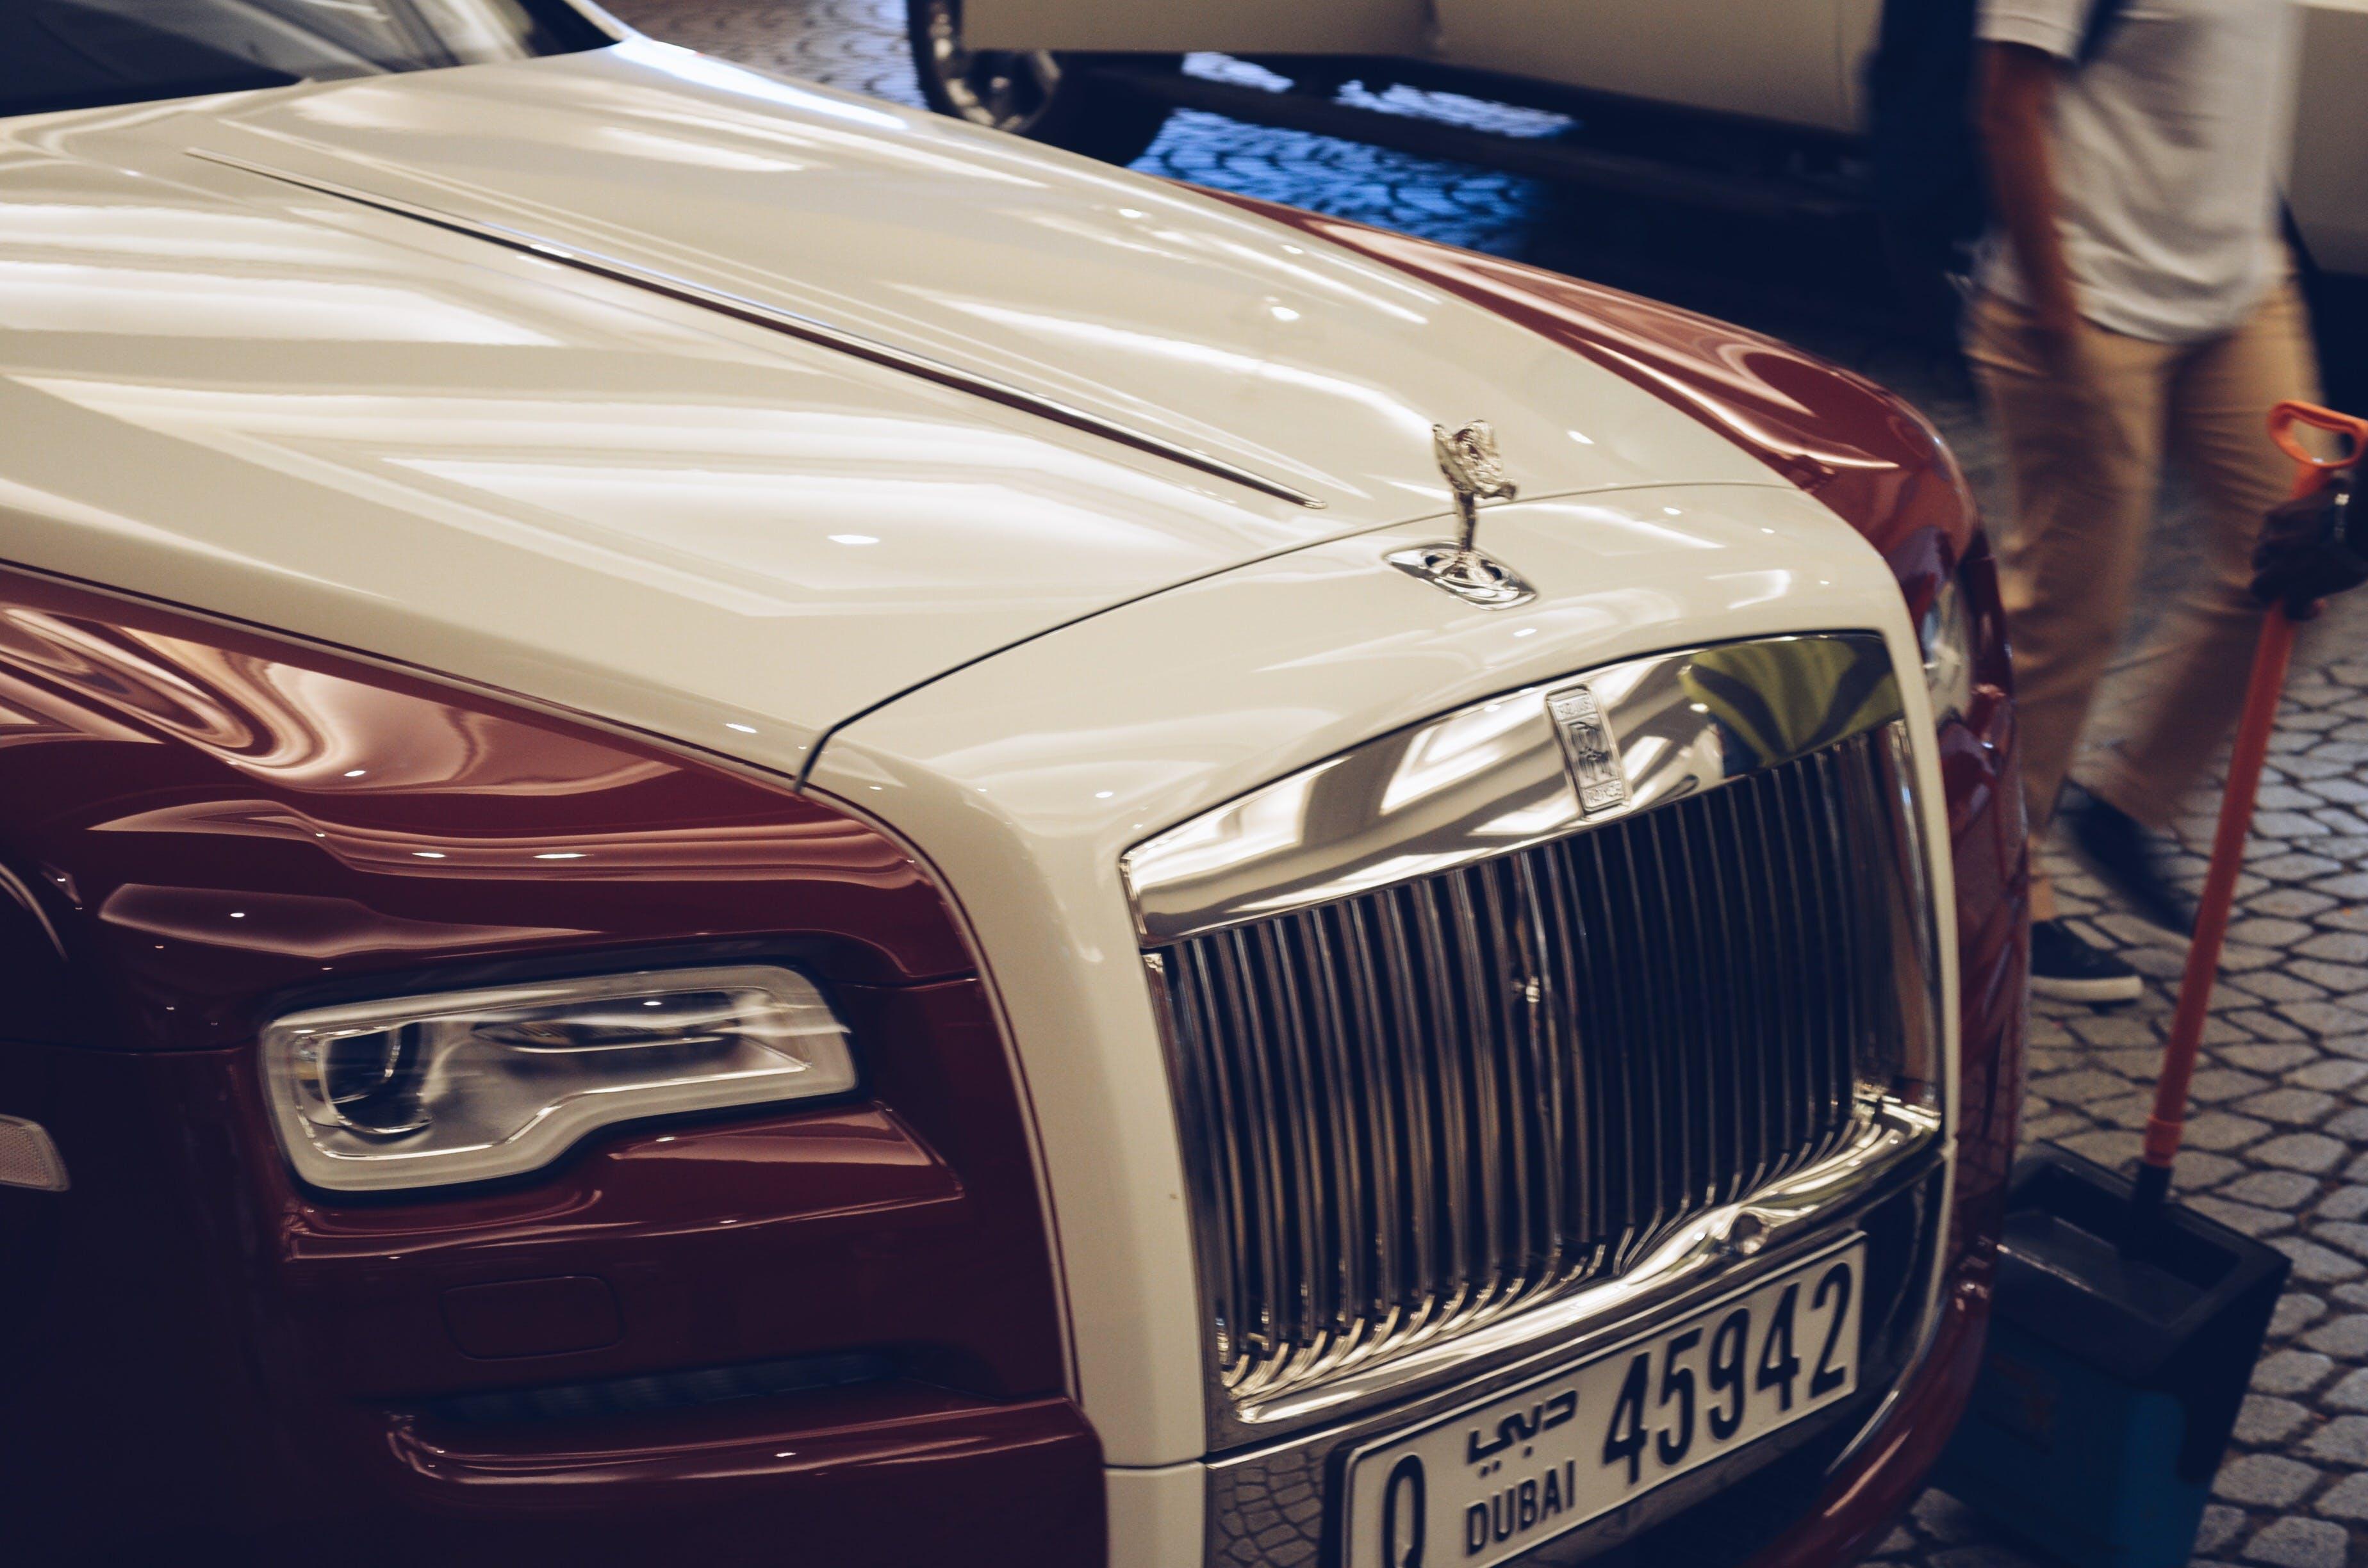 Δωρεάν στοκ φωτογραφιών με Rolls Royce, ακριβό αυτοκίνητο, αυτοκίνητο